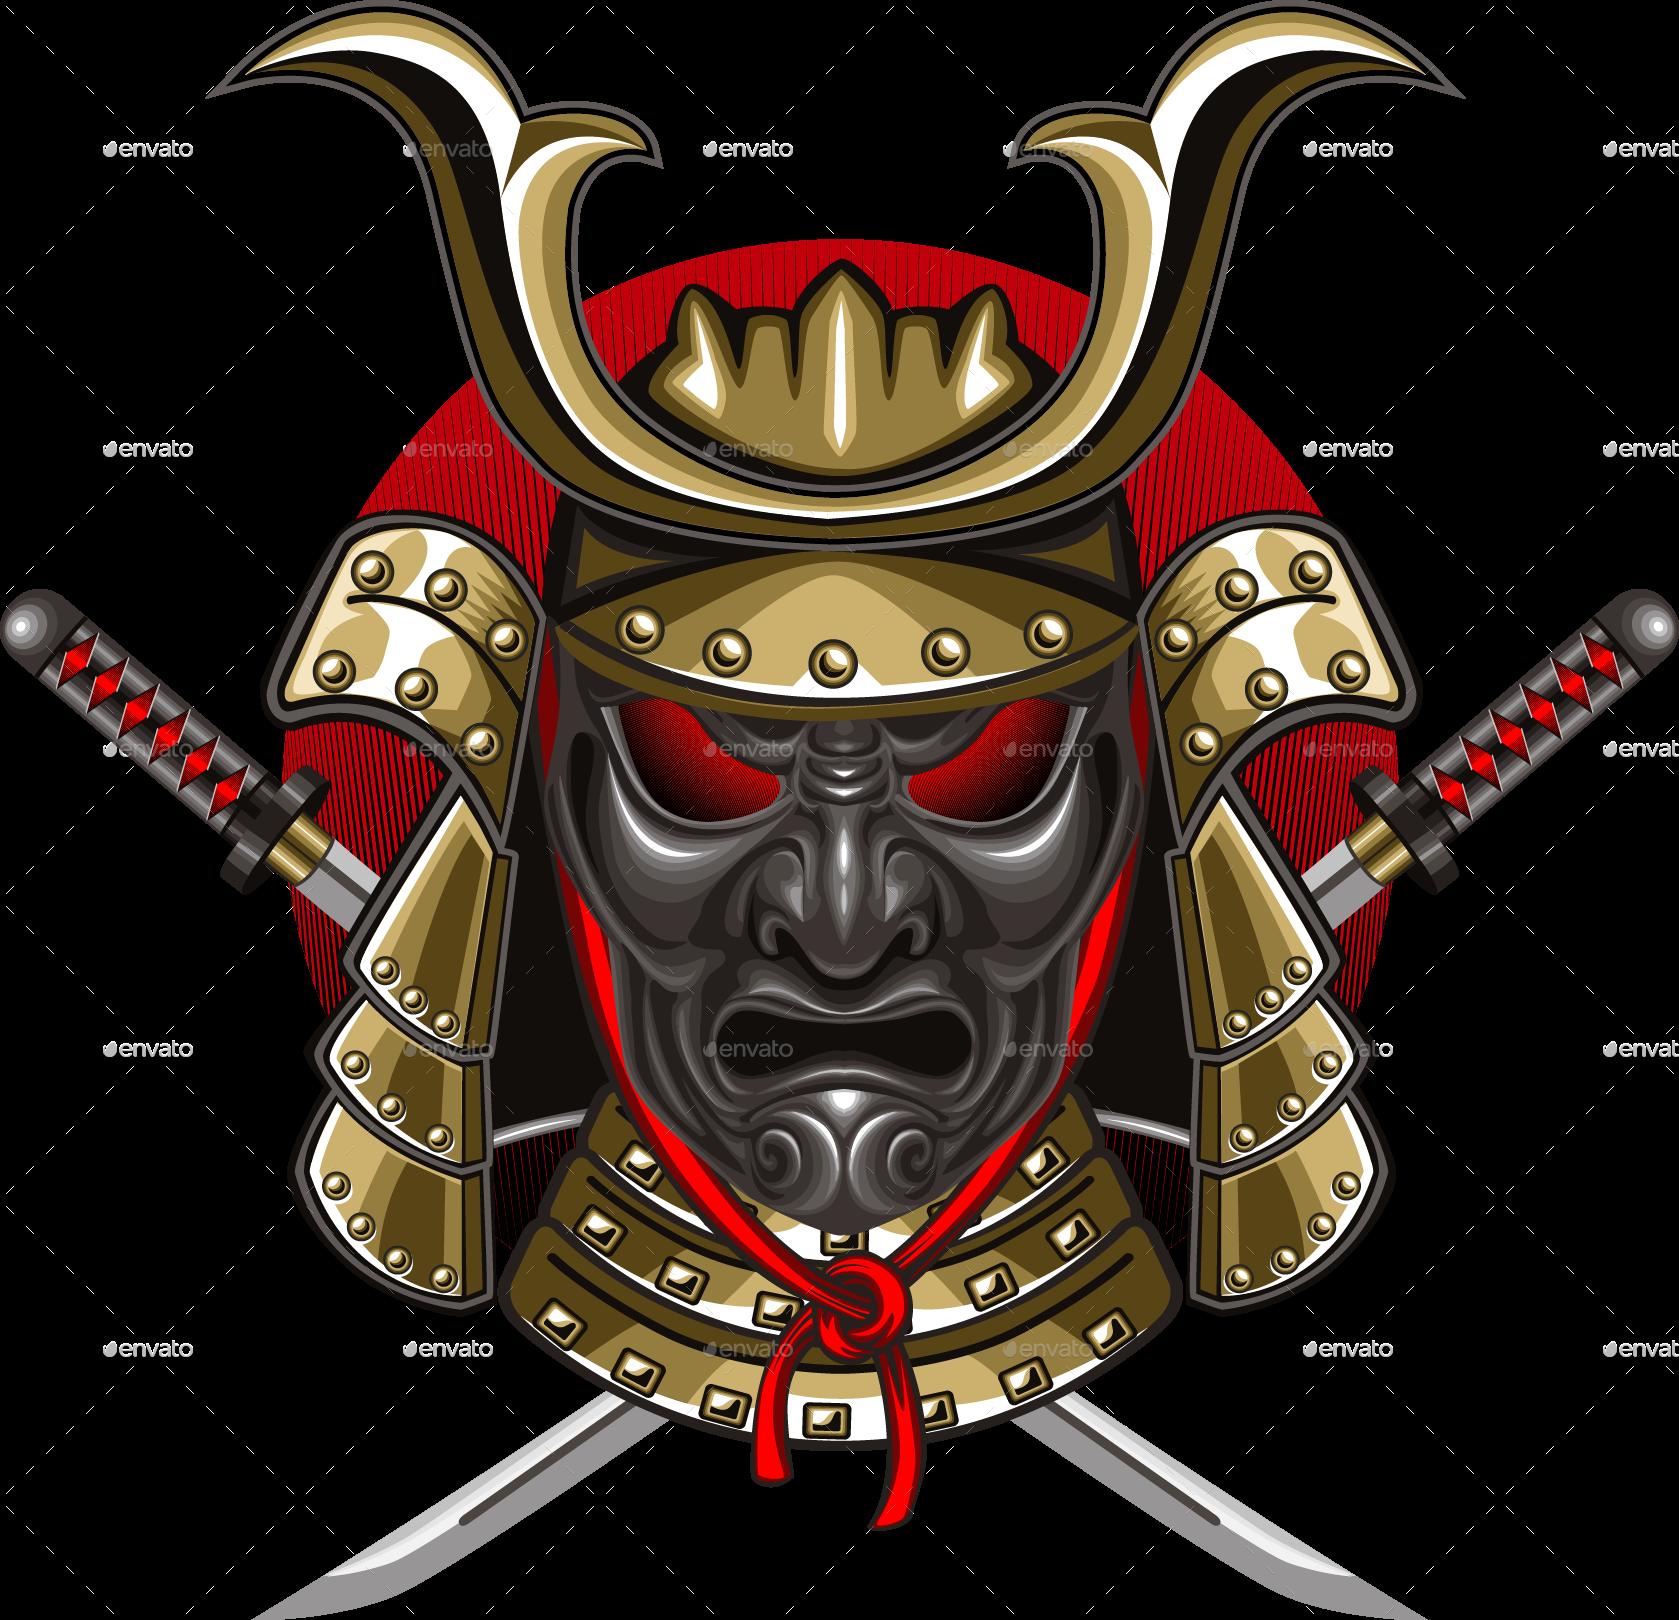 Samurai Mask with Katana by ashmarka | GraphicRiver